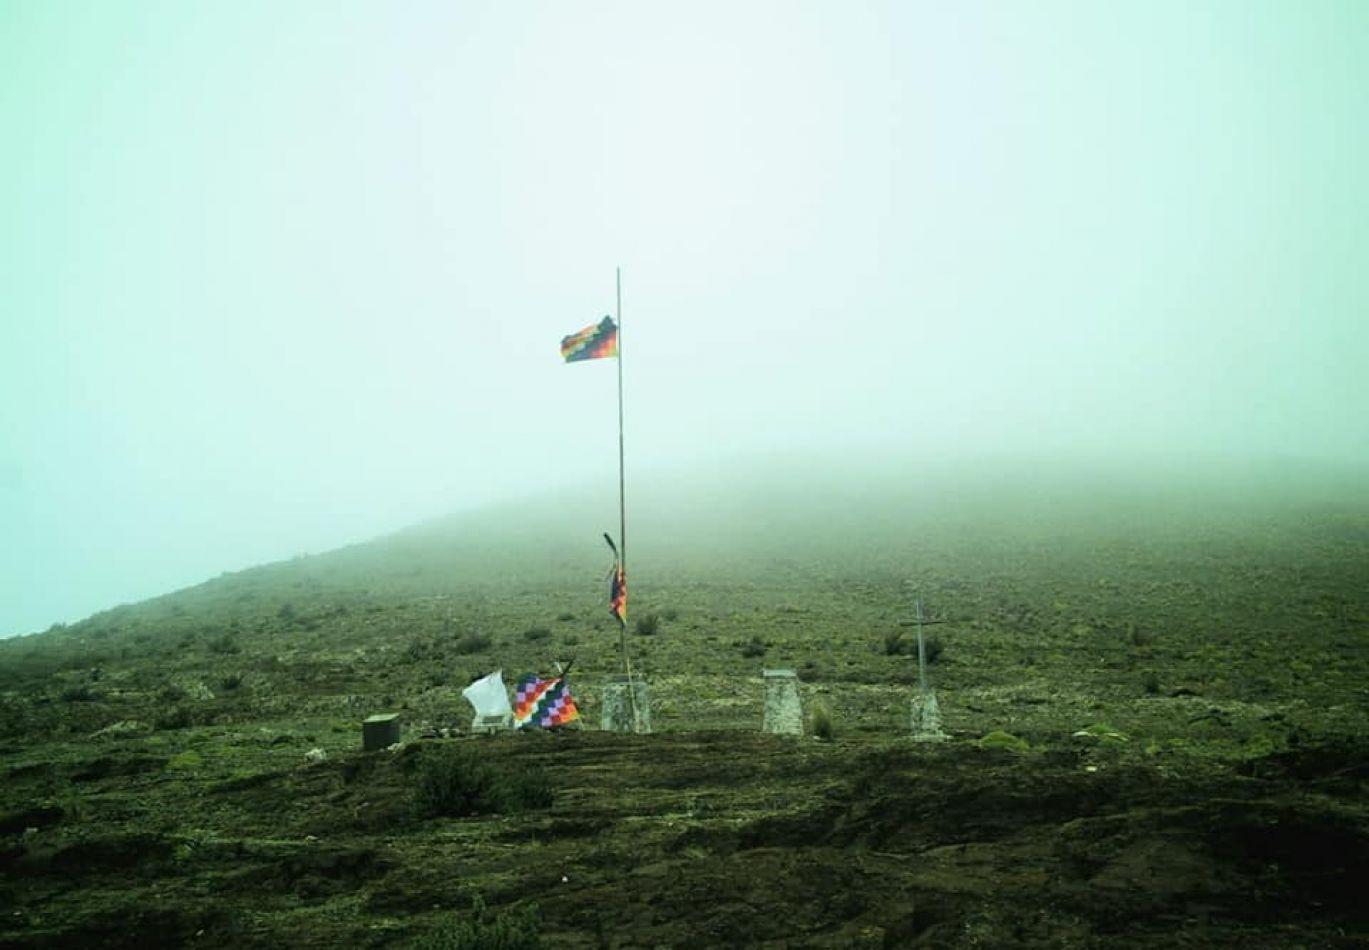 Abra de cuatro almas, lugar donde se libró la batalla y estarían depositados los restos de 4 combatientes puneños